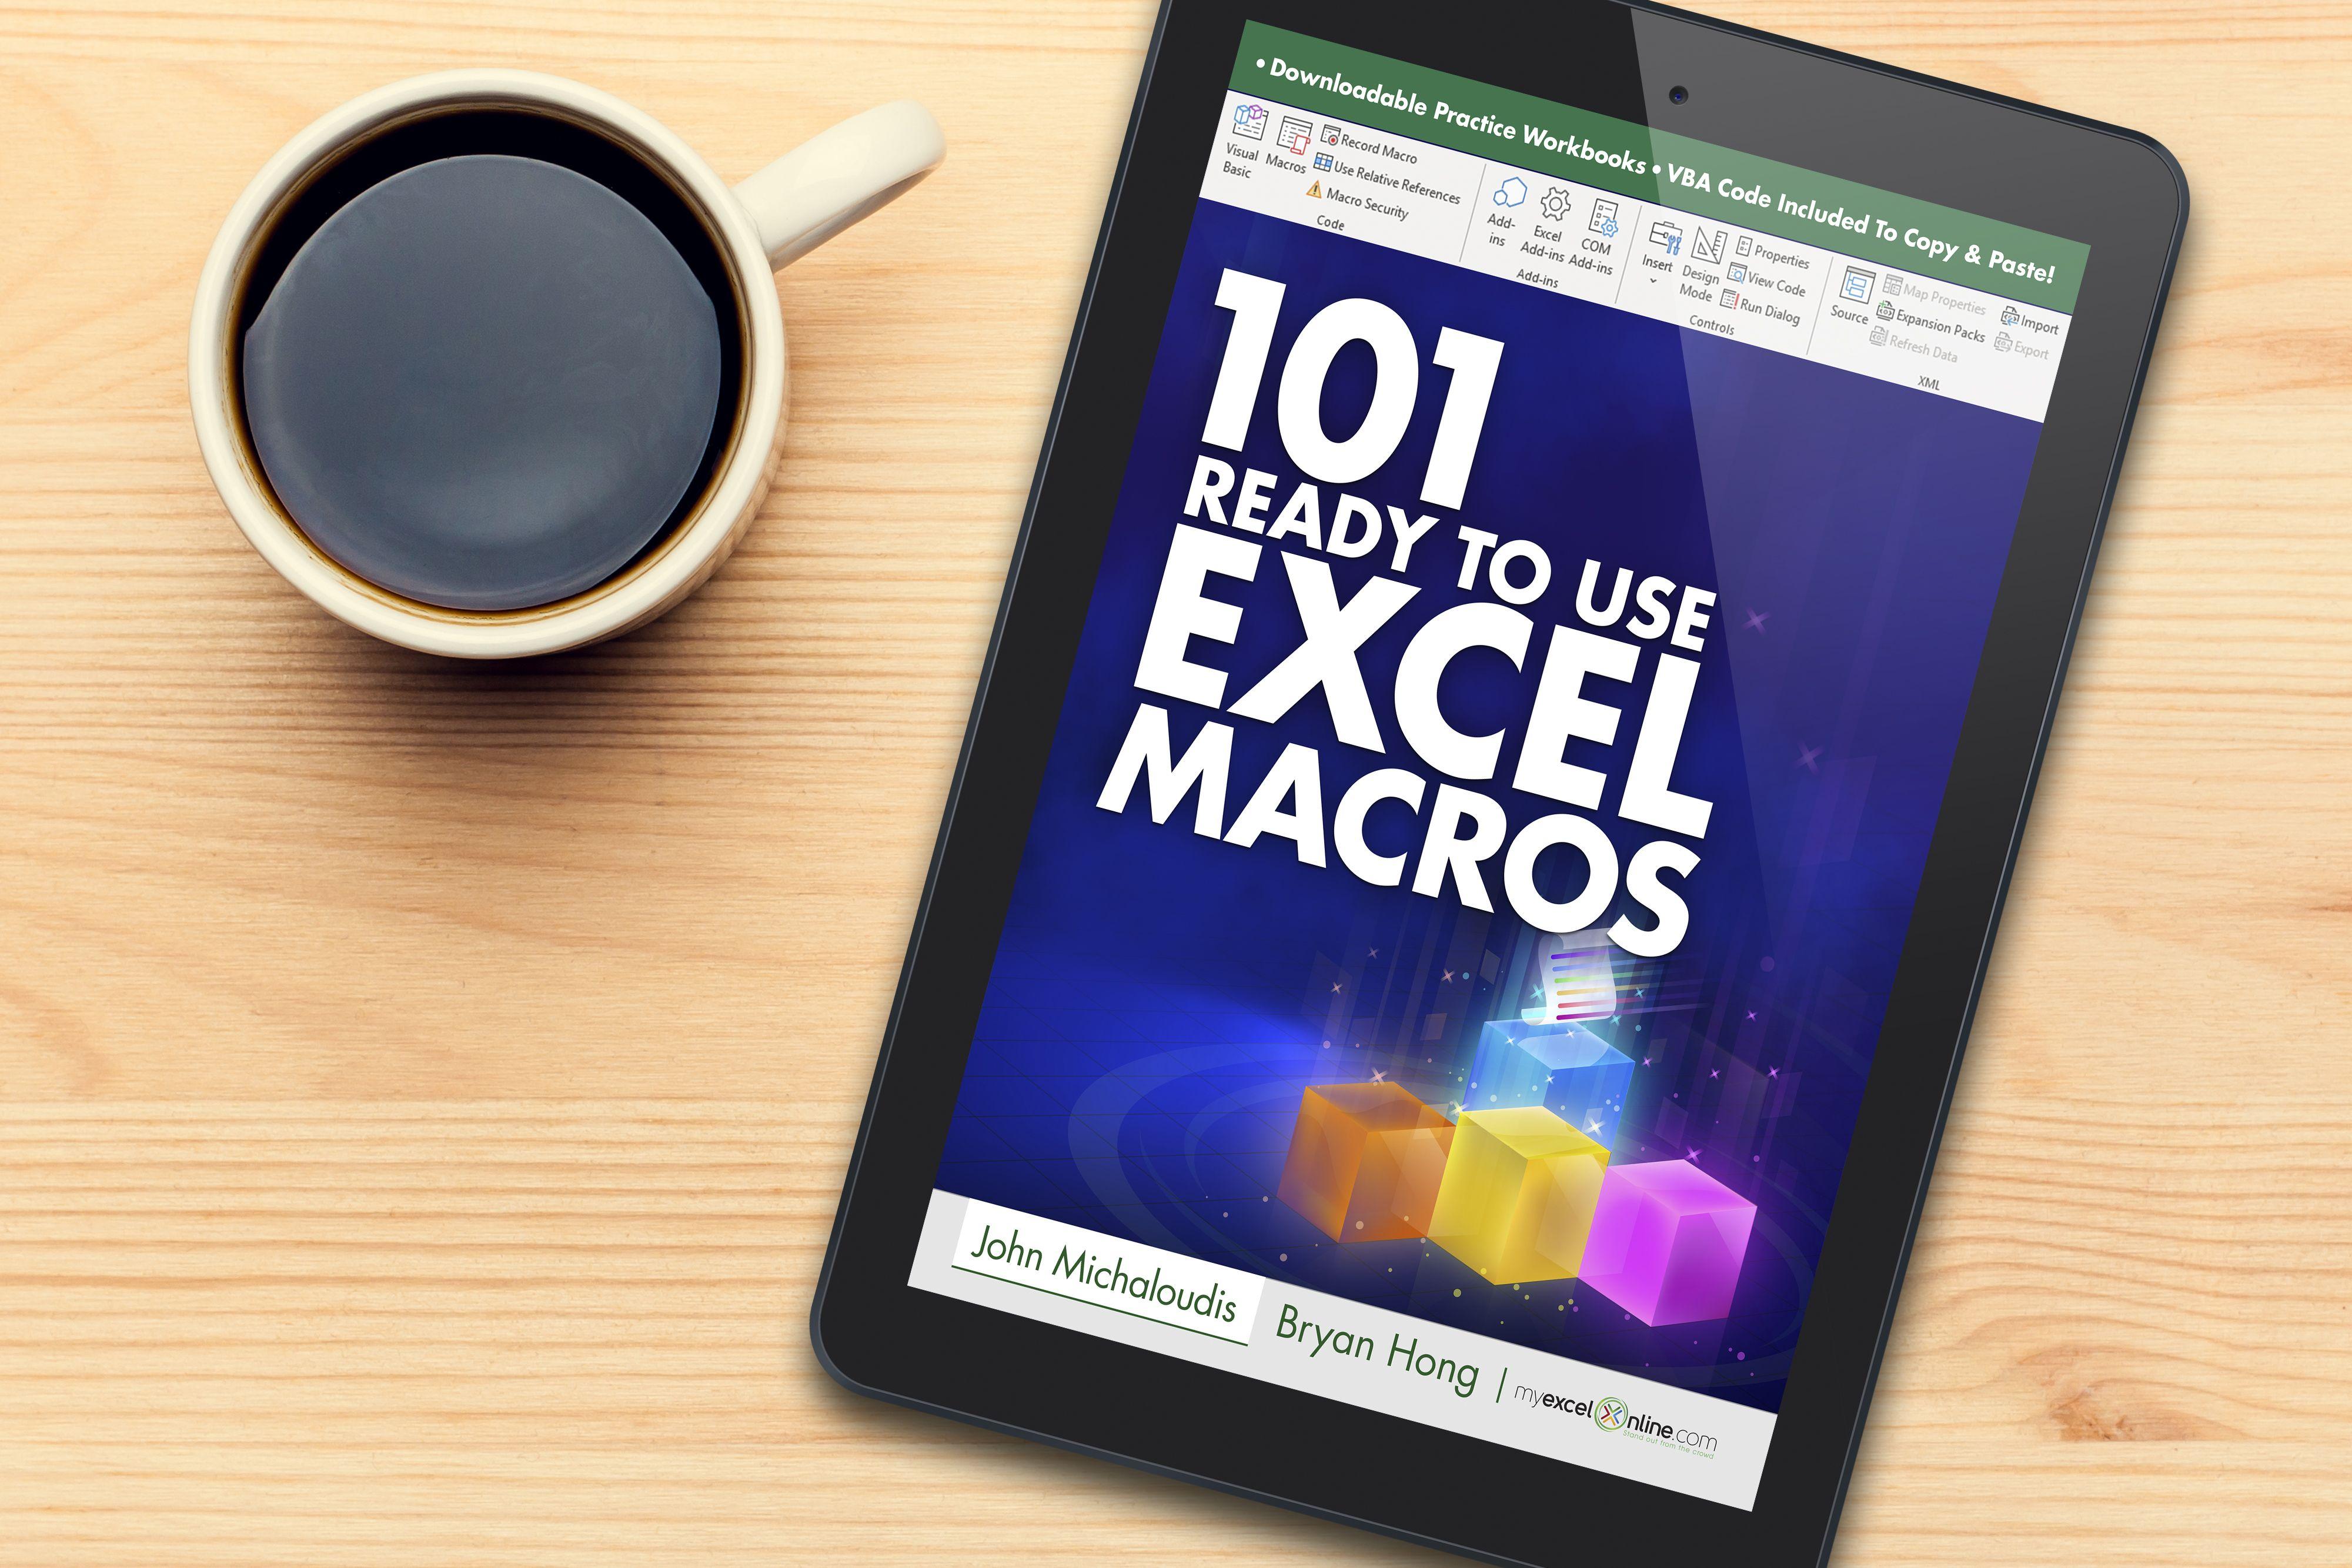 101 Ready To Use Excel Macros EBook (10 OFF) Excel